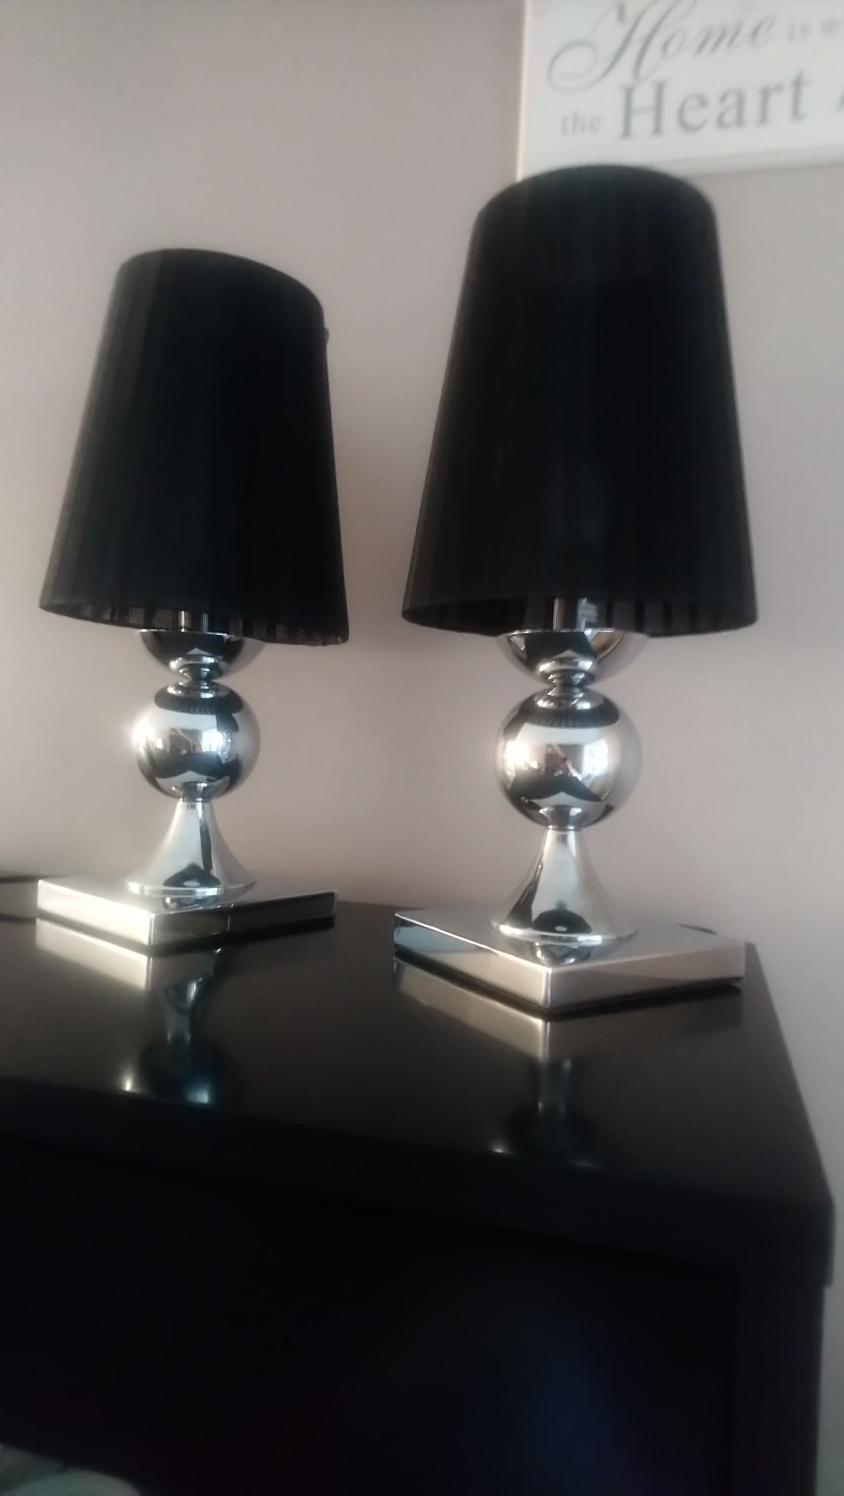 Lampes de chevet allumage tactile 25 Tourcoing (59)